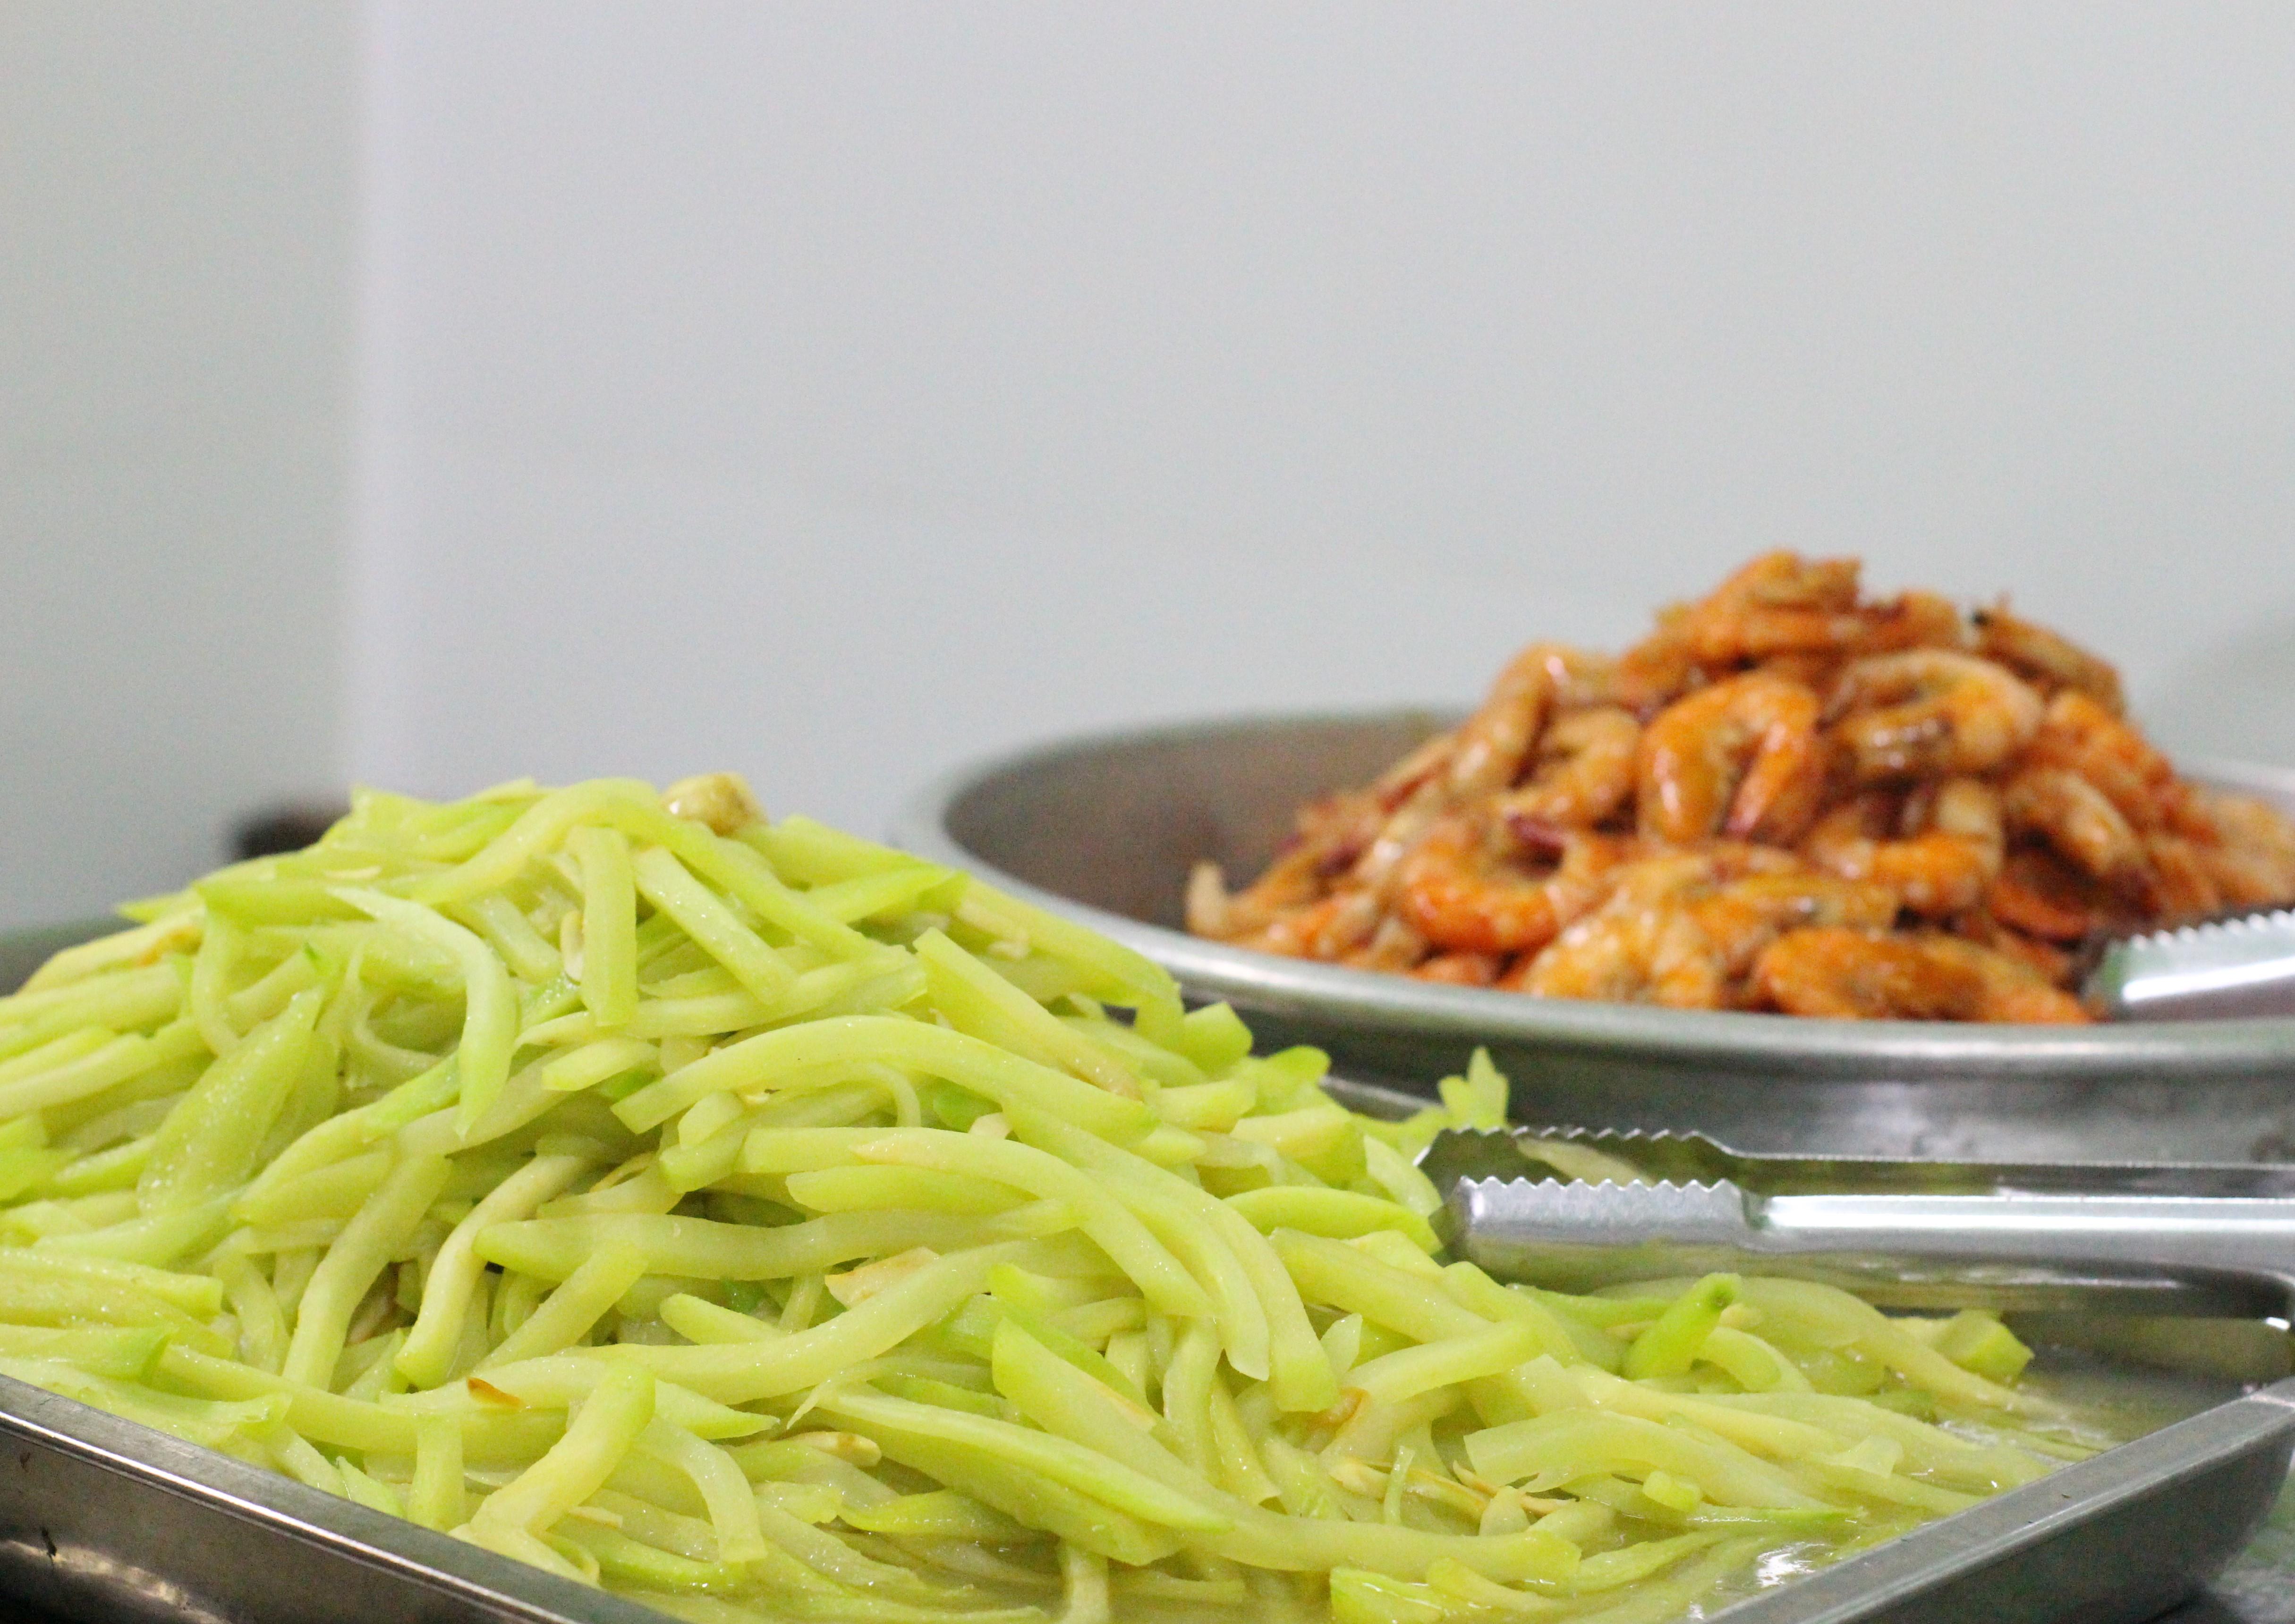 Đồ ăn được chế biến rất vệ sinh và vừa ăn